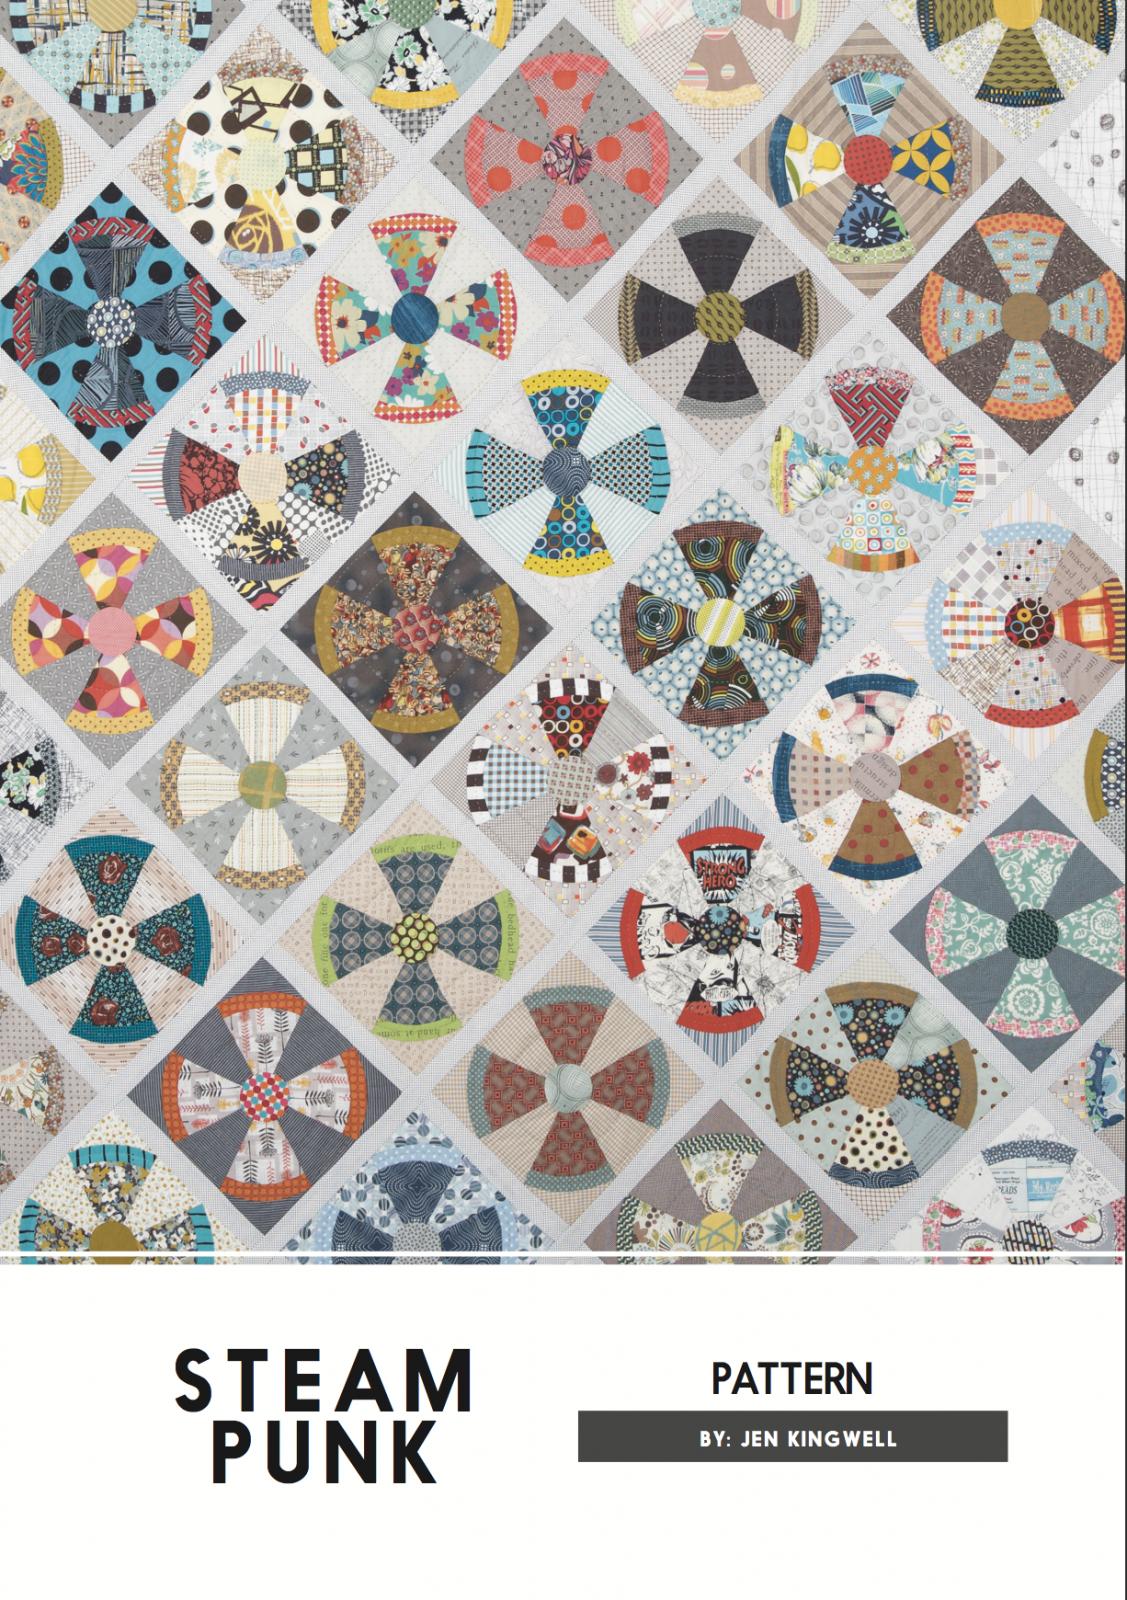 Steam Punk Pattern by Jen Kingwell Designs